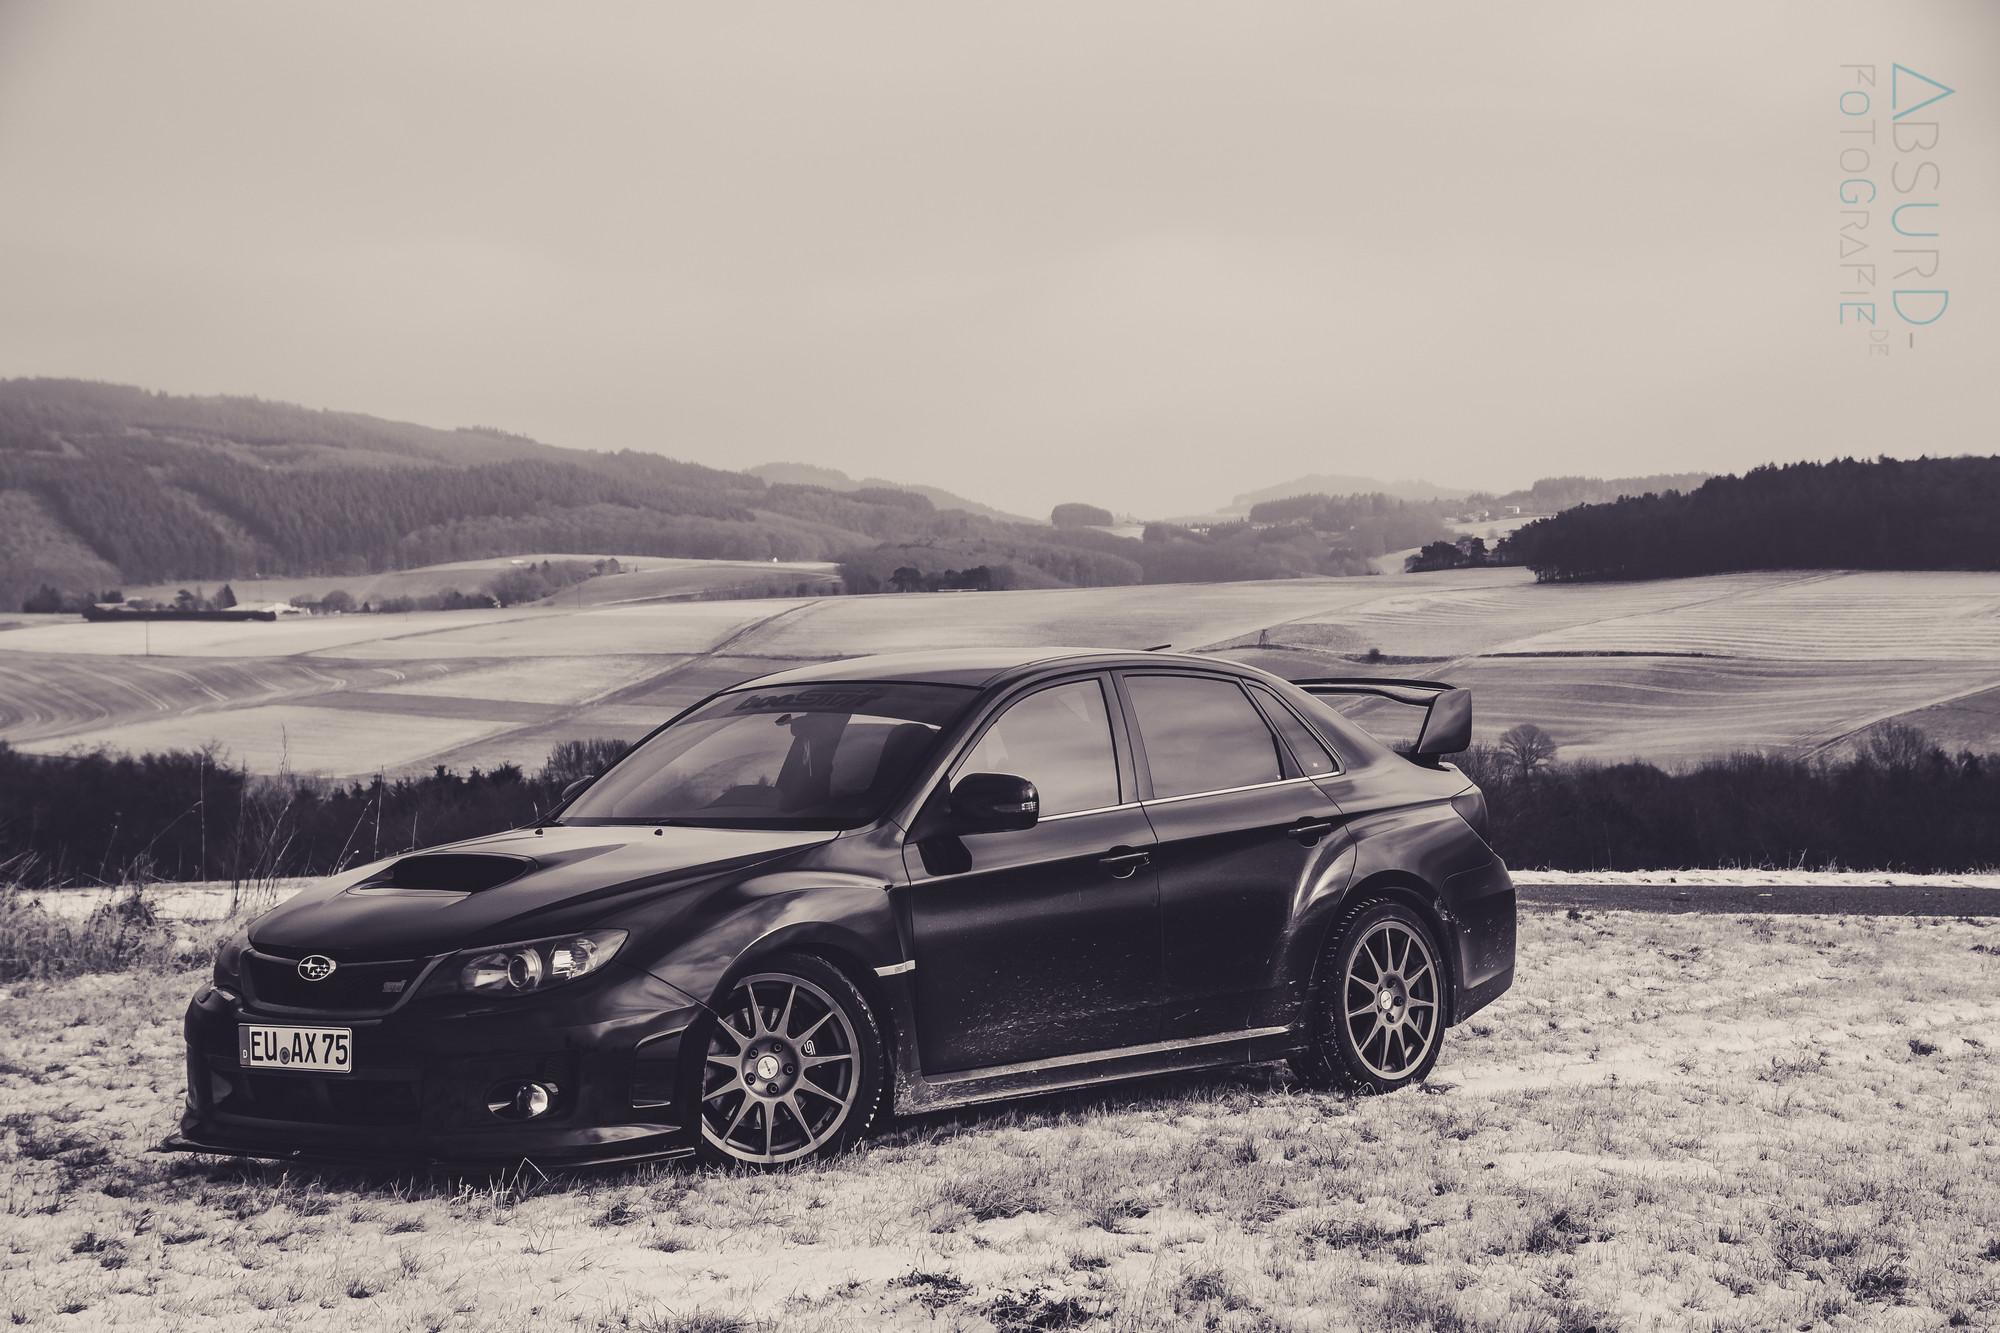 2019-01-20-Alex-Subaru-STI - DSC02234-00351-lredit-_tn.jpg